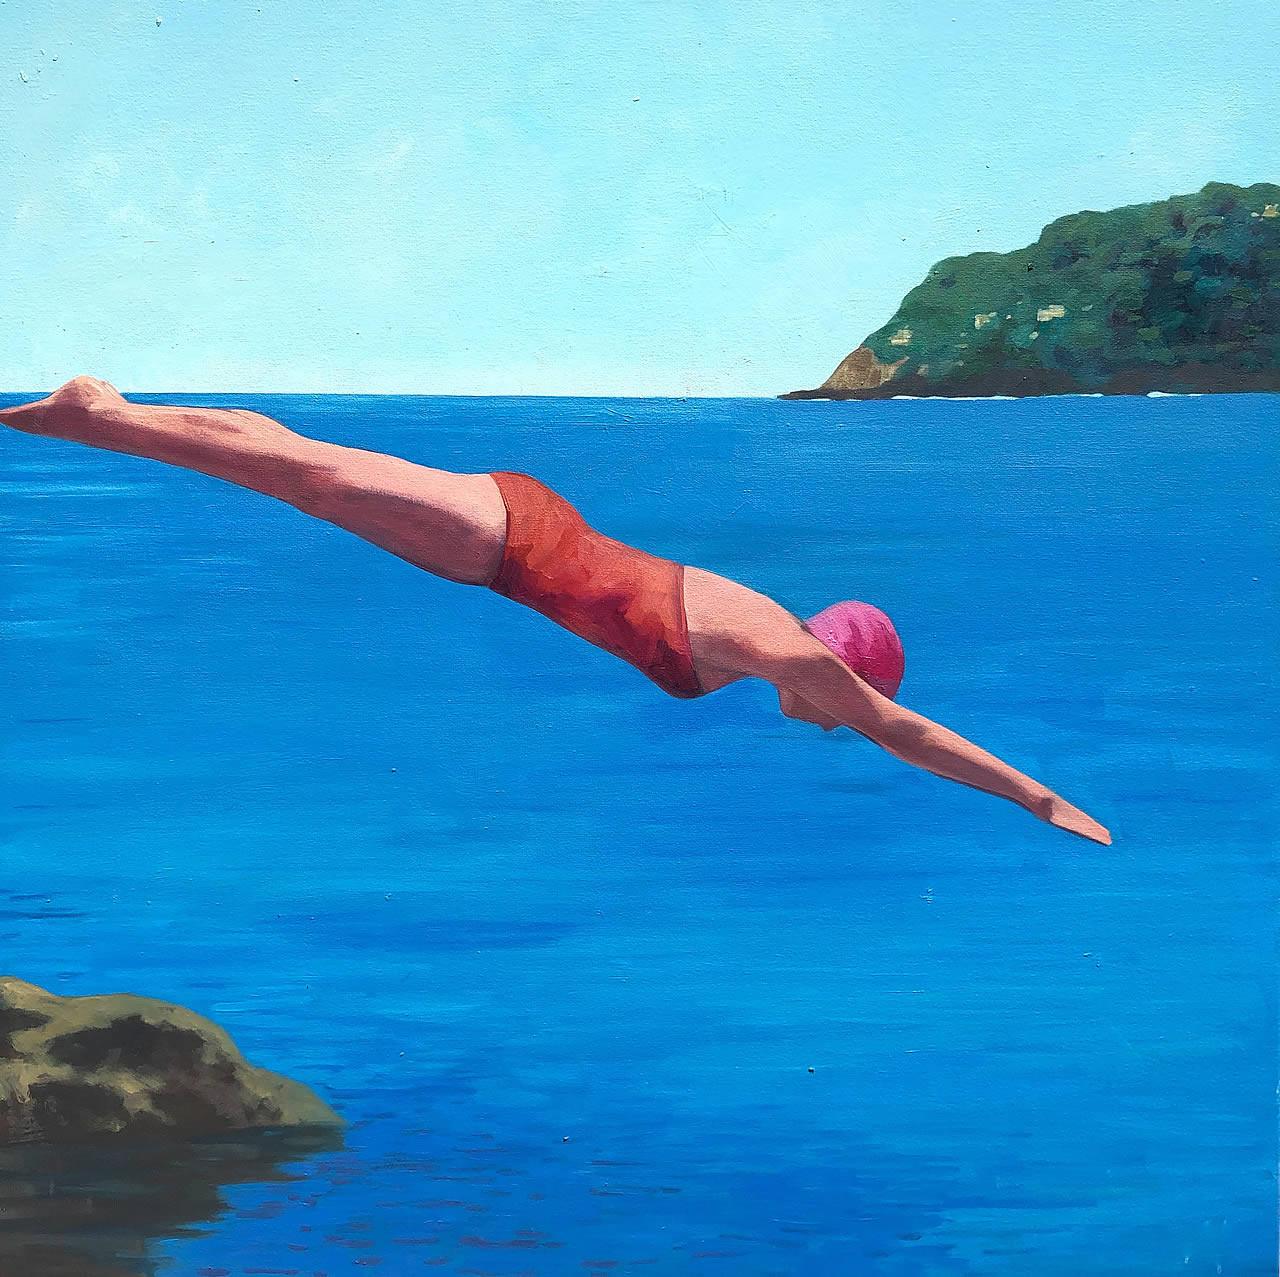 Summer Diver